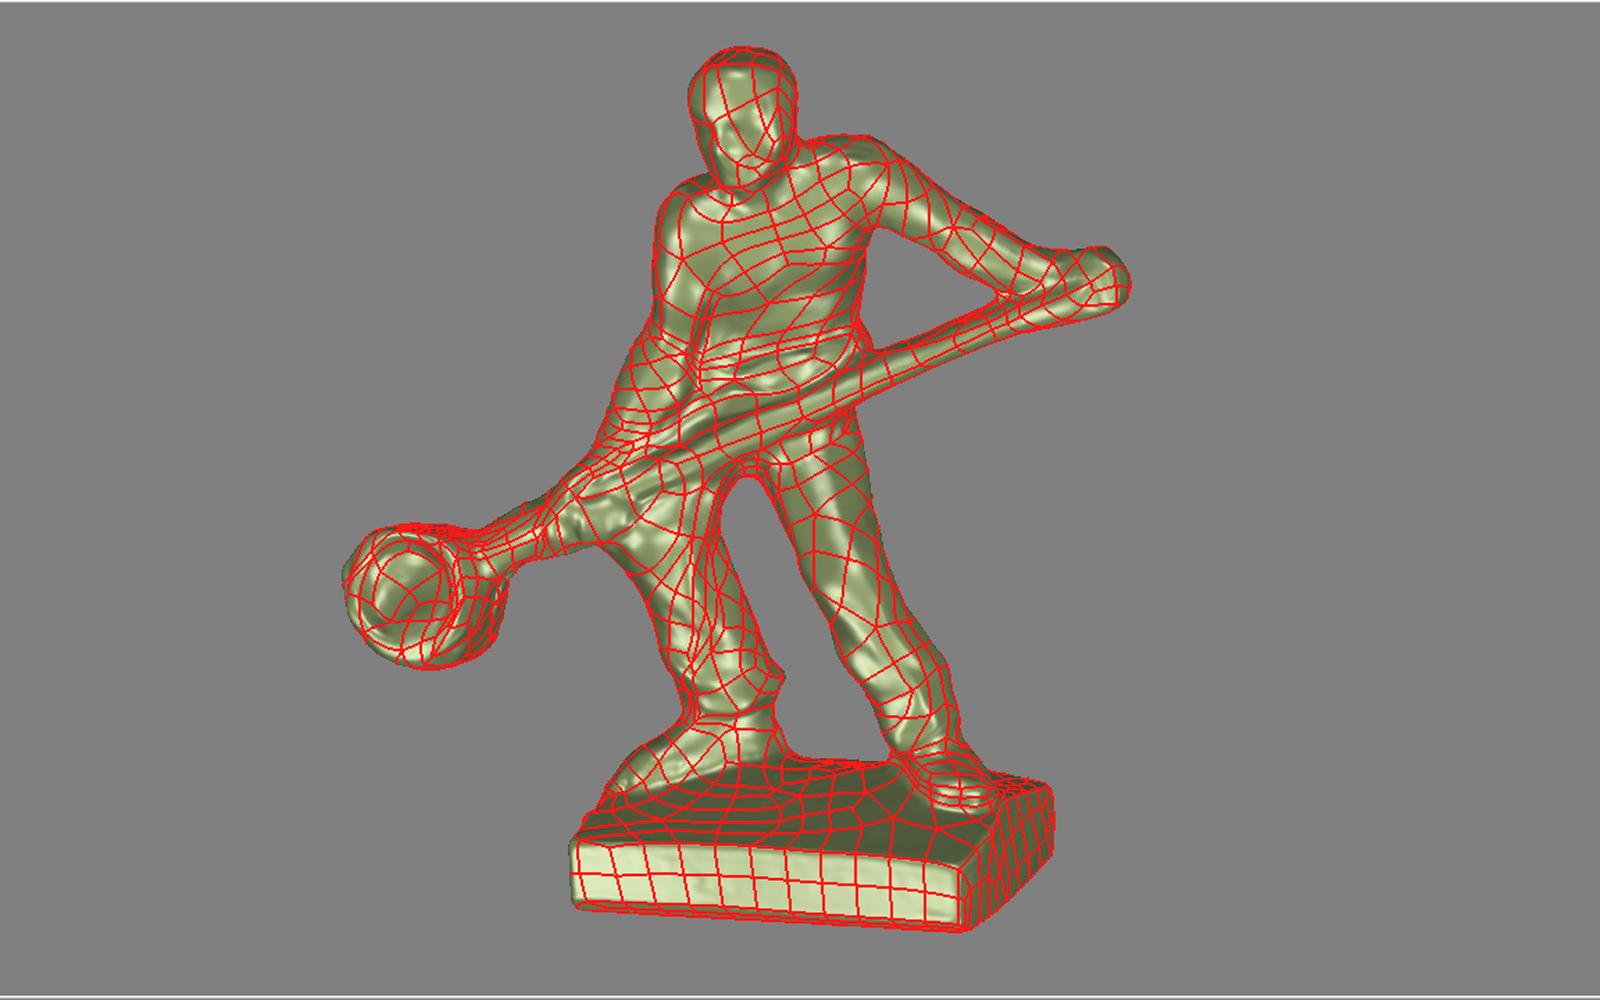 Conap 3D Reverse Engineering - Modellfigur eines Gießers auf dem Messtisch